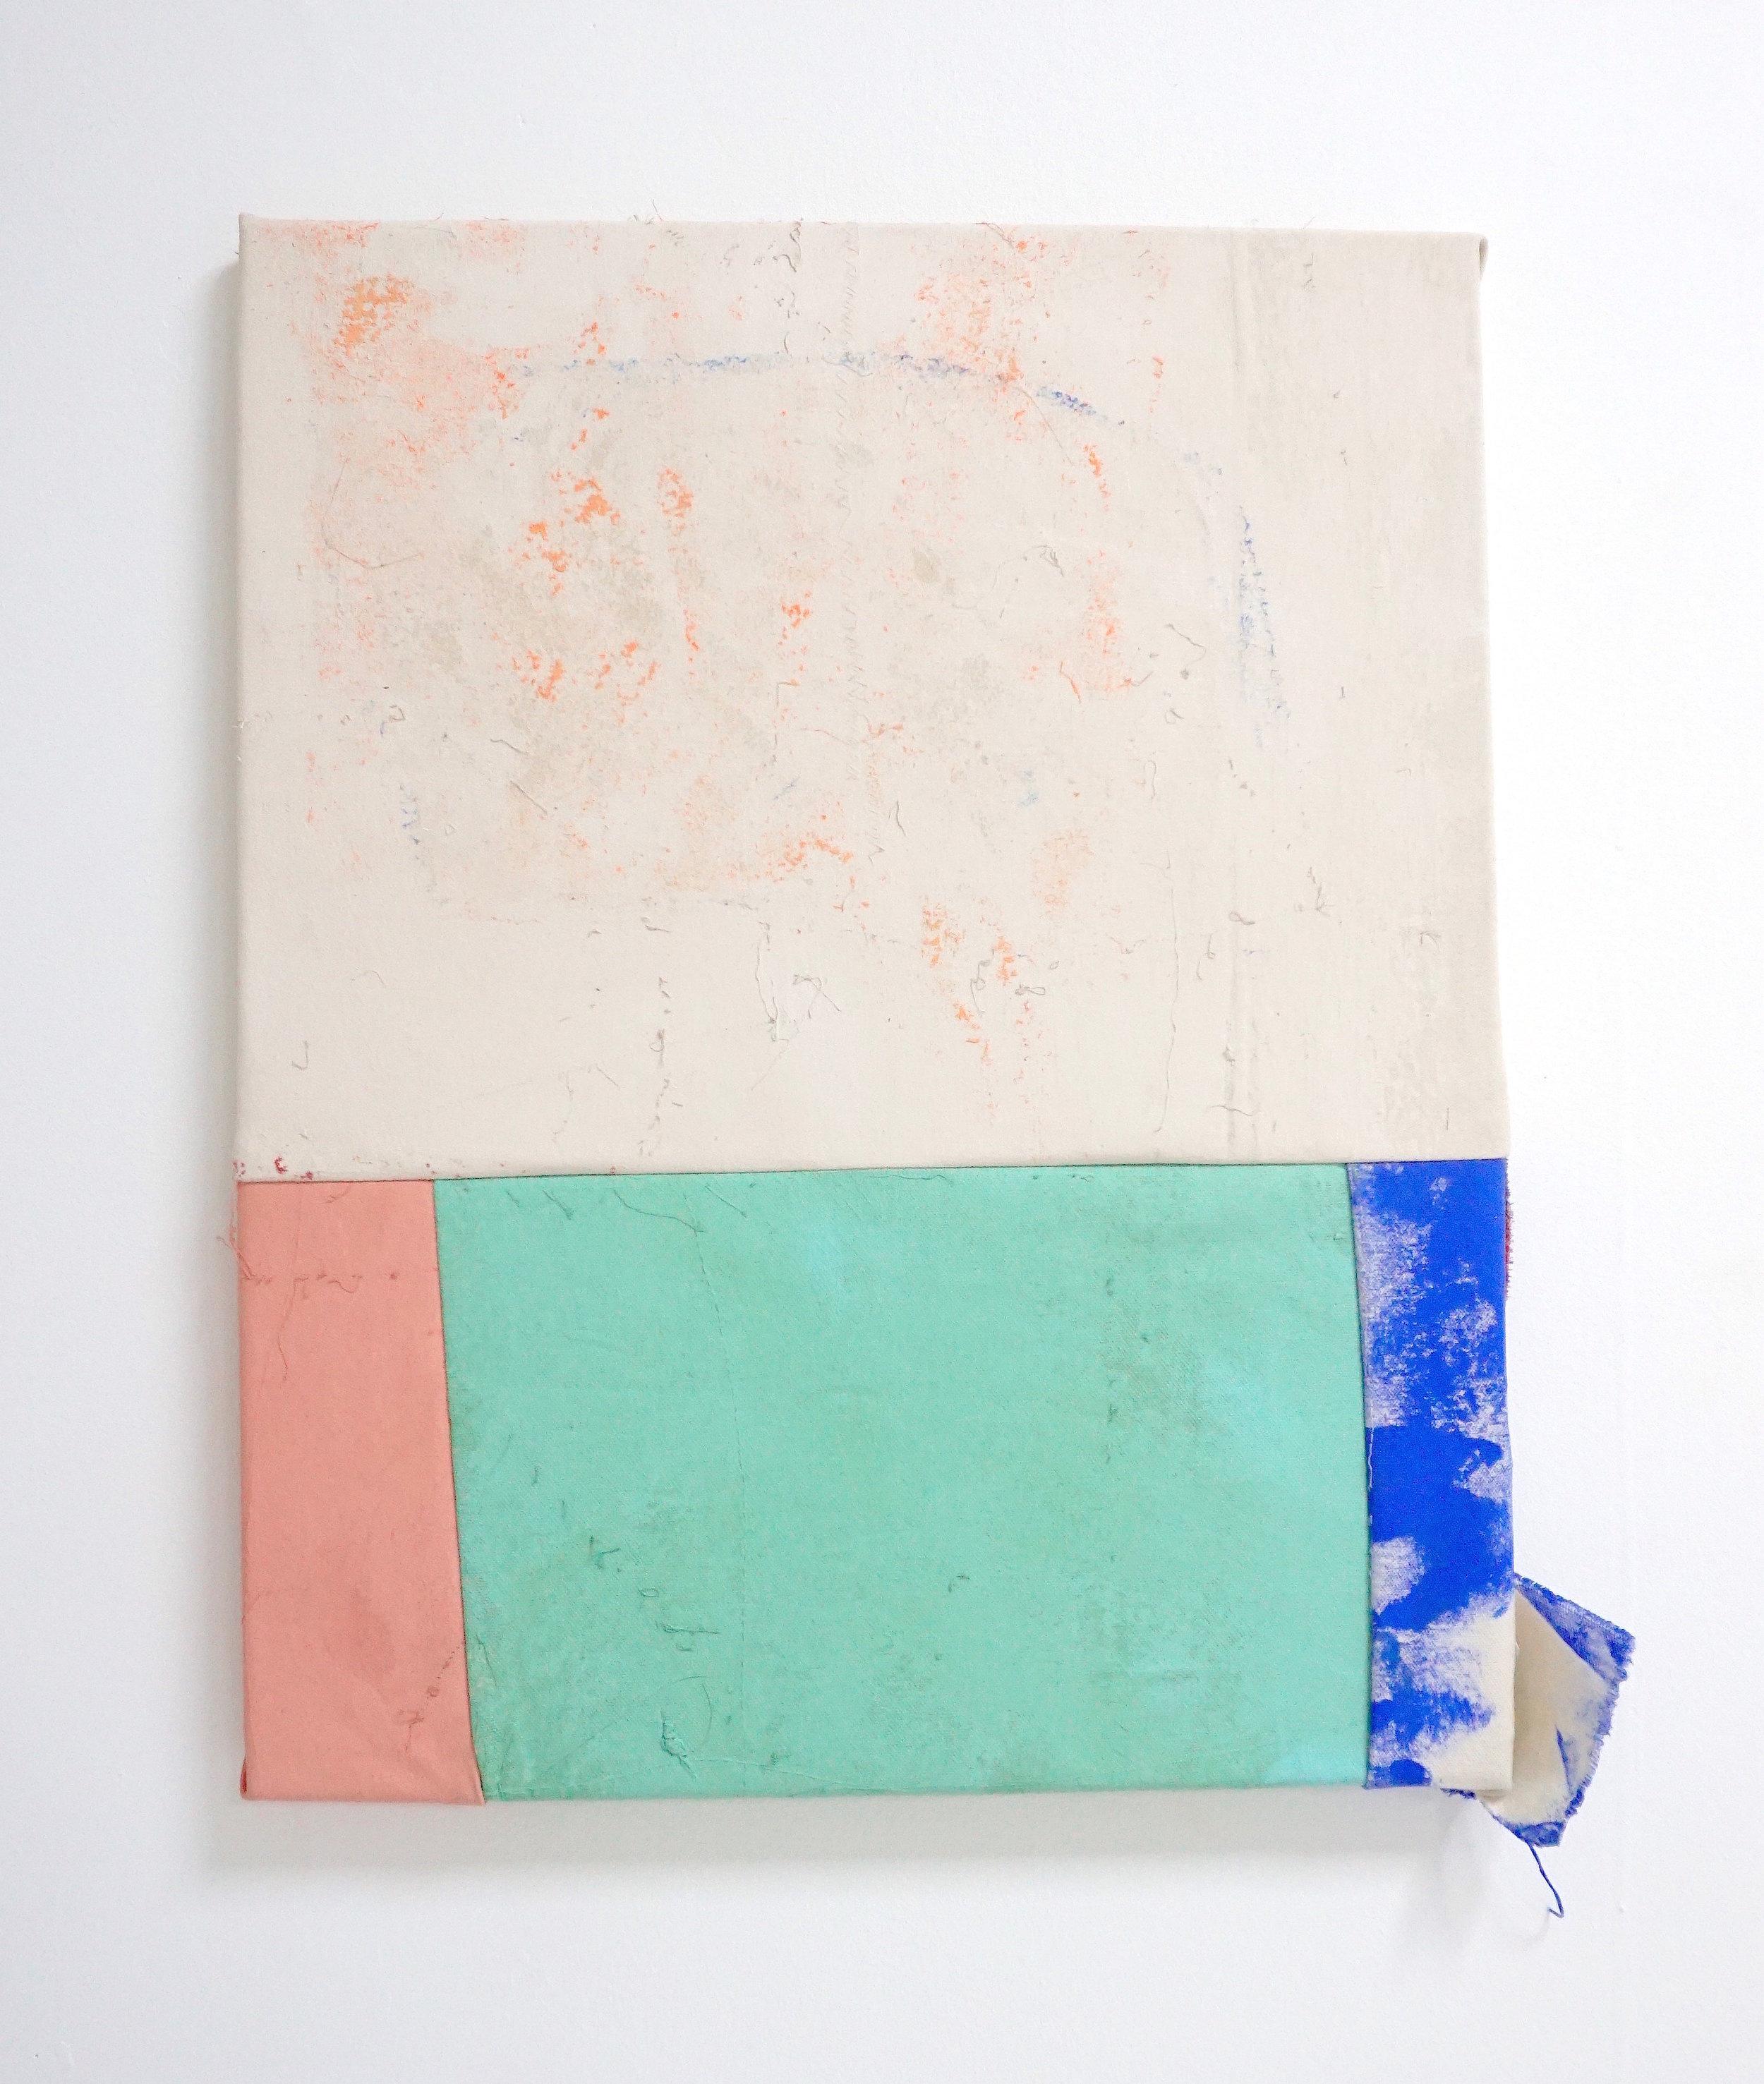 Candy | Acrylic on Canvas | 40.5 x 50.5cm